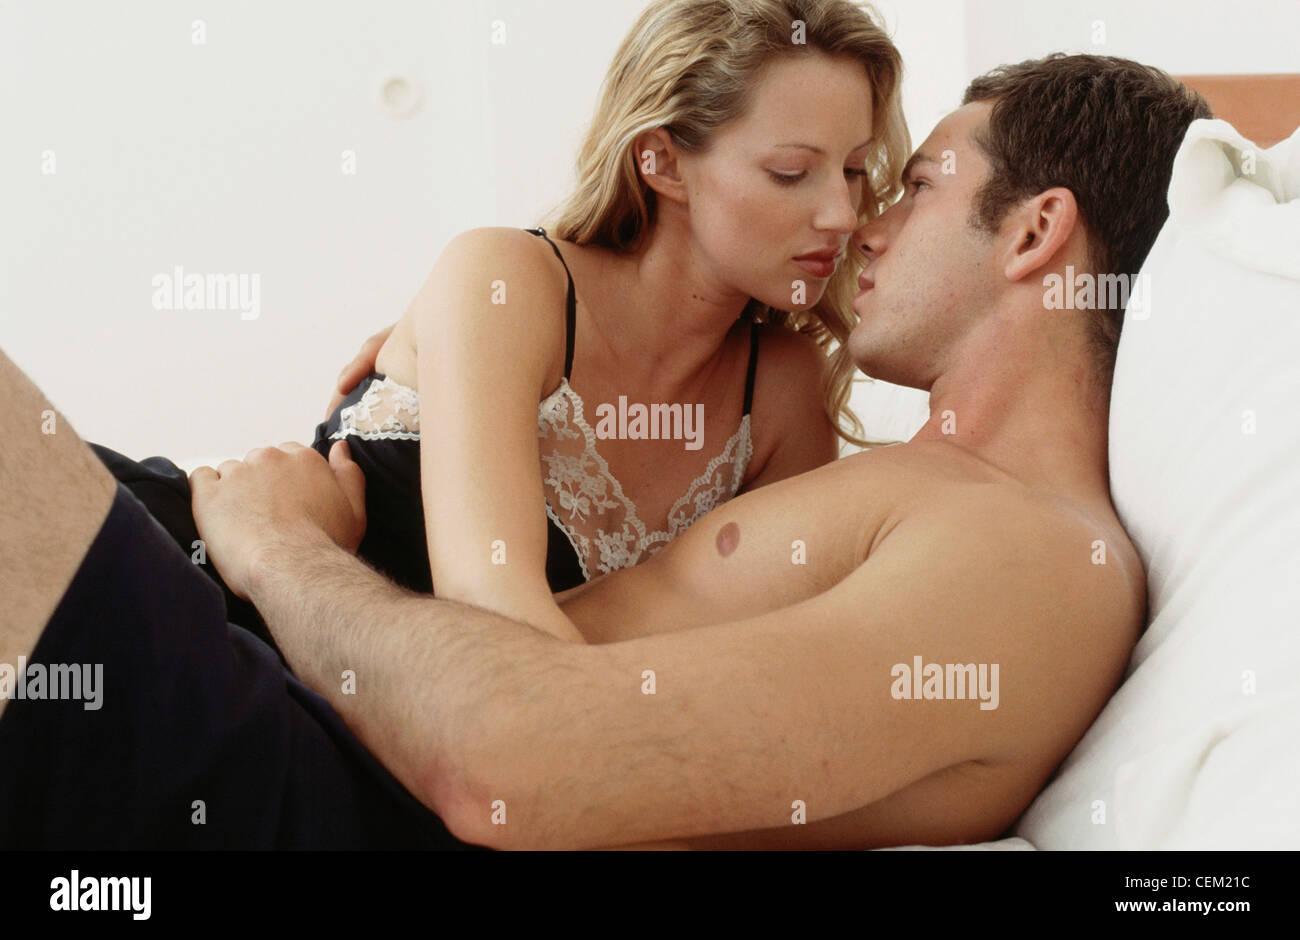 Vidhya balan sexy hot images-9208